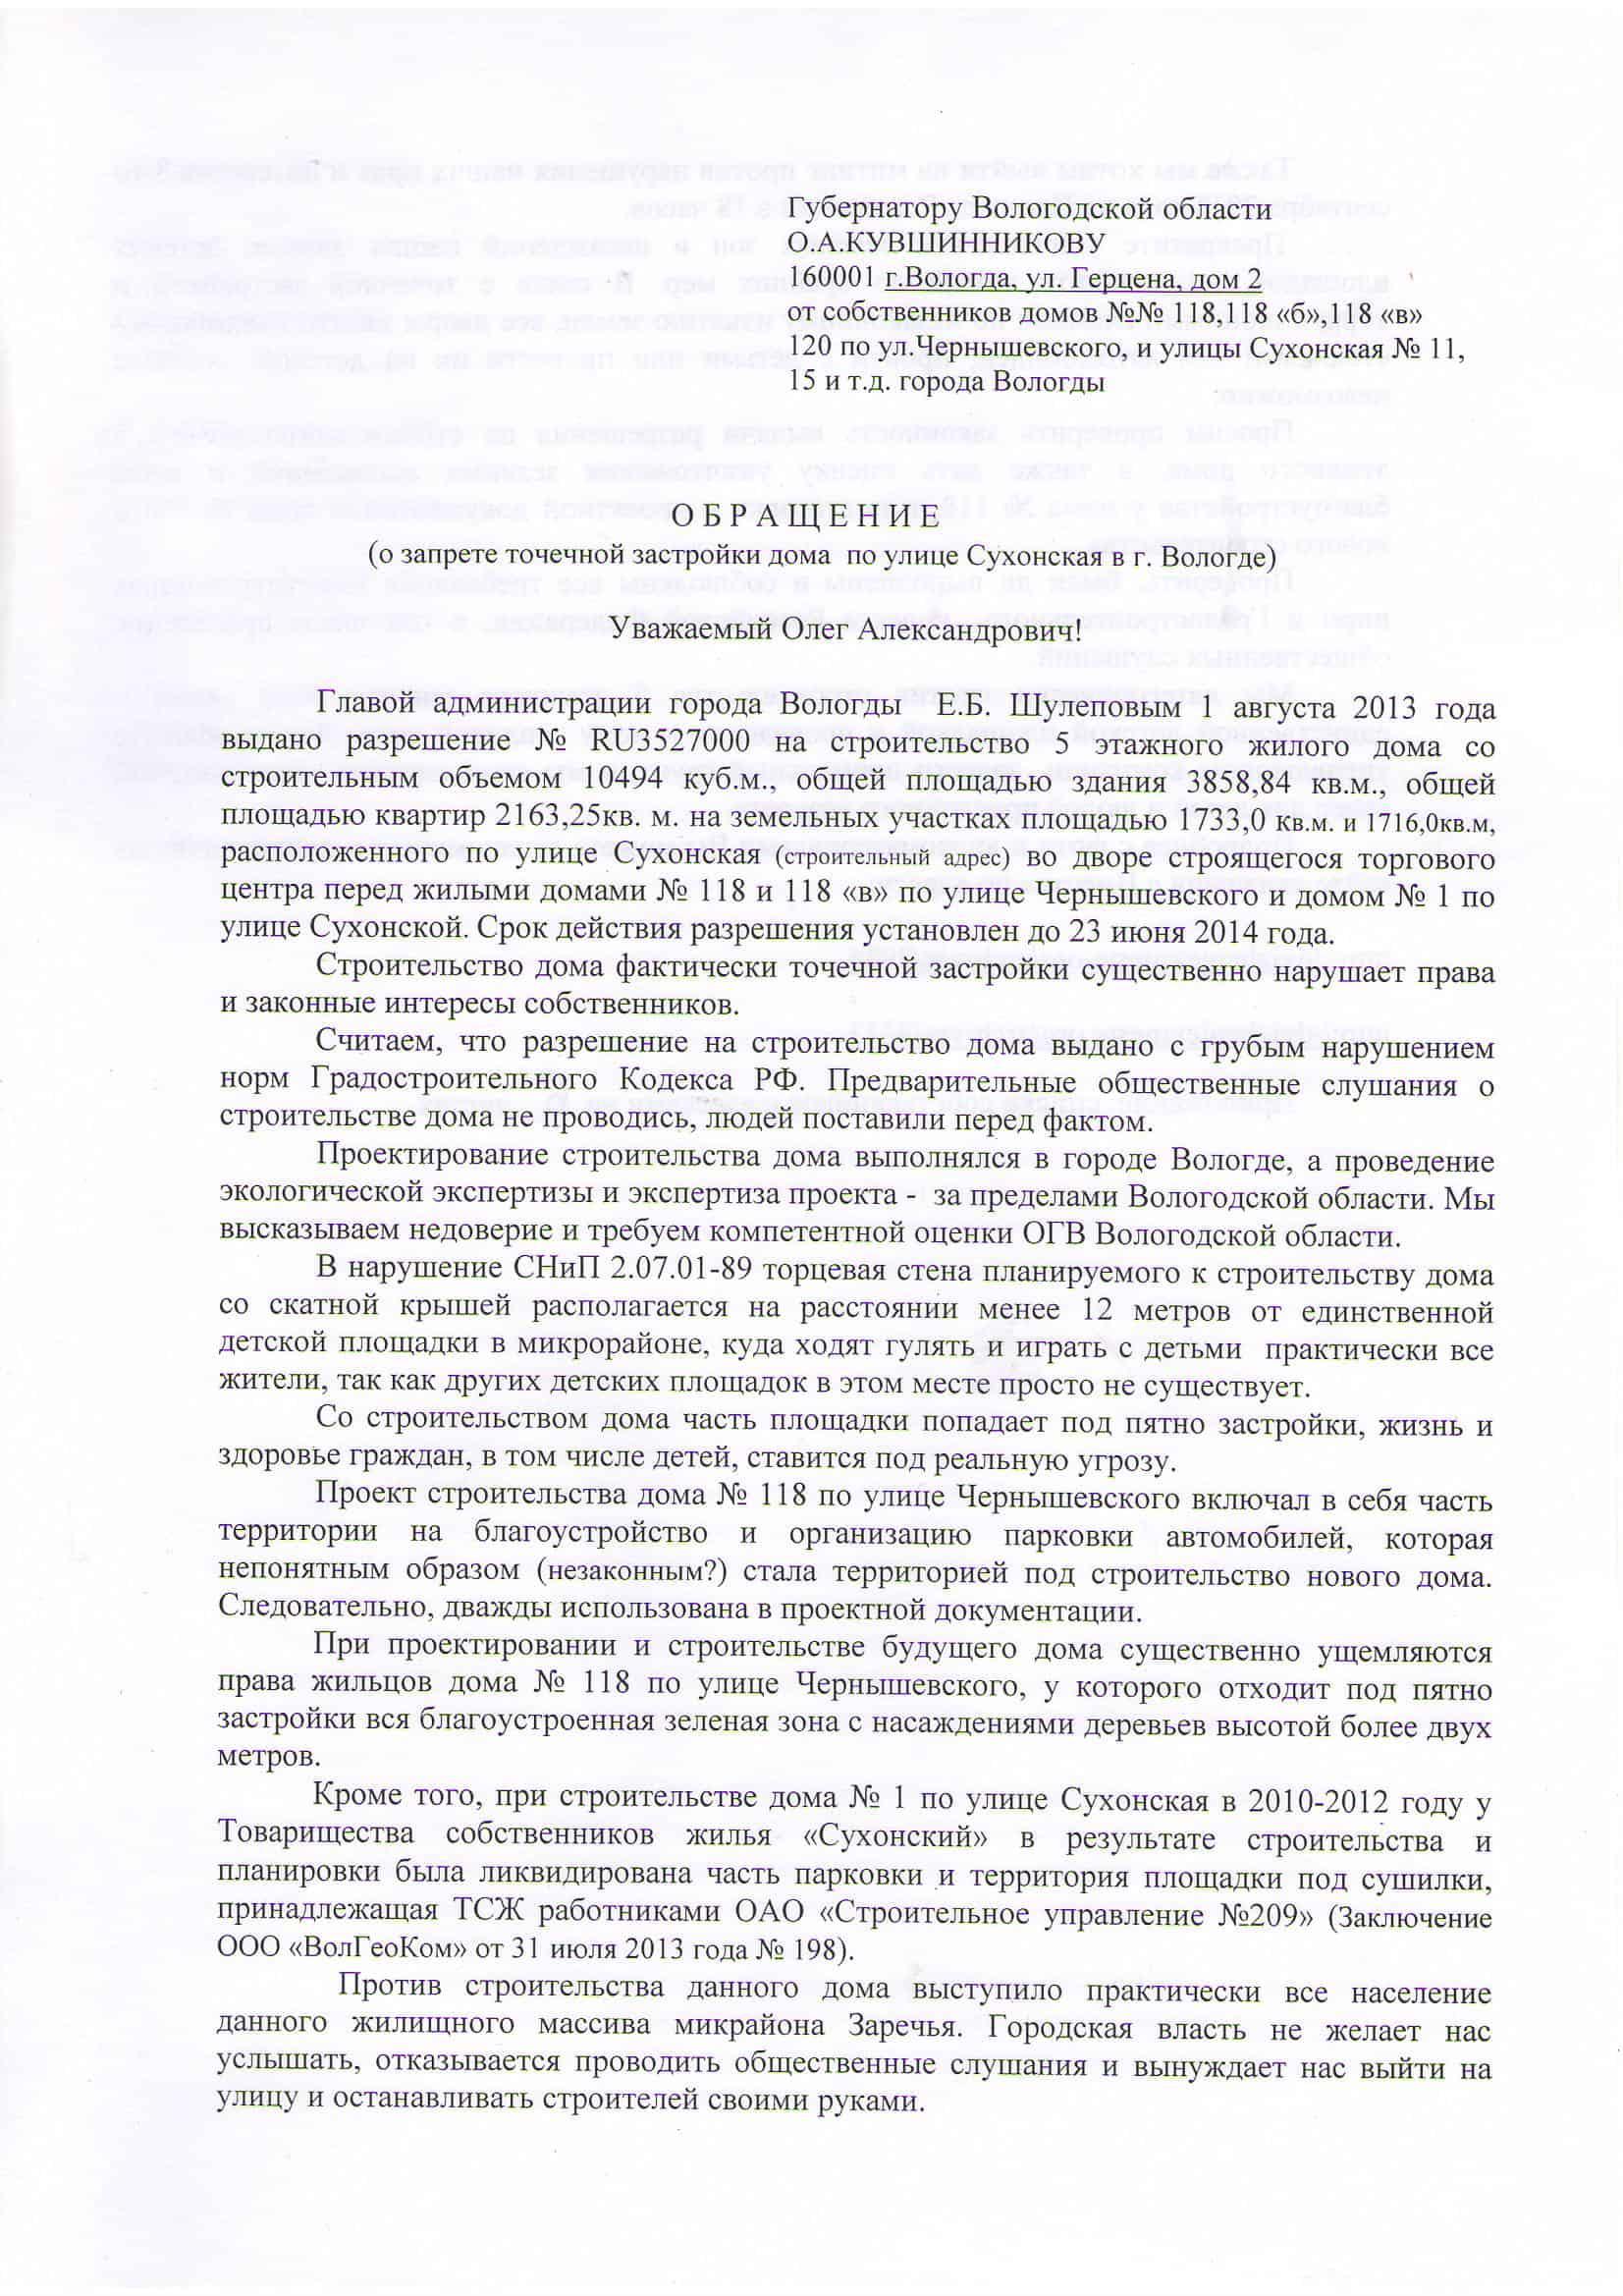 Пример жалобы Губернатору Вологодской области области